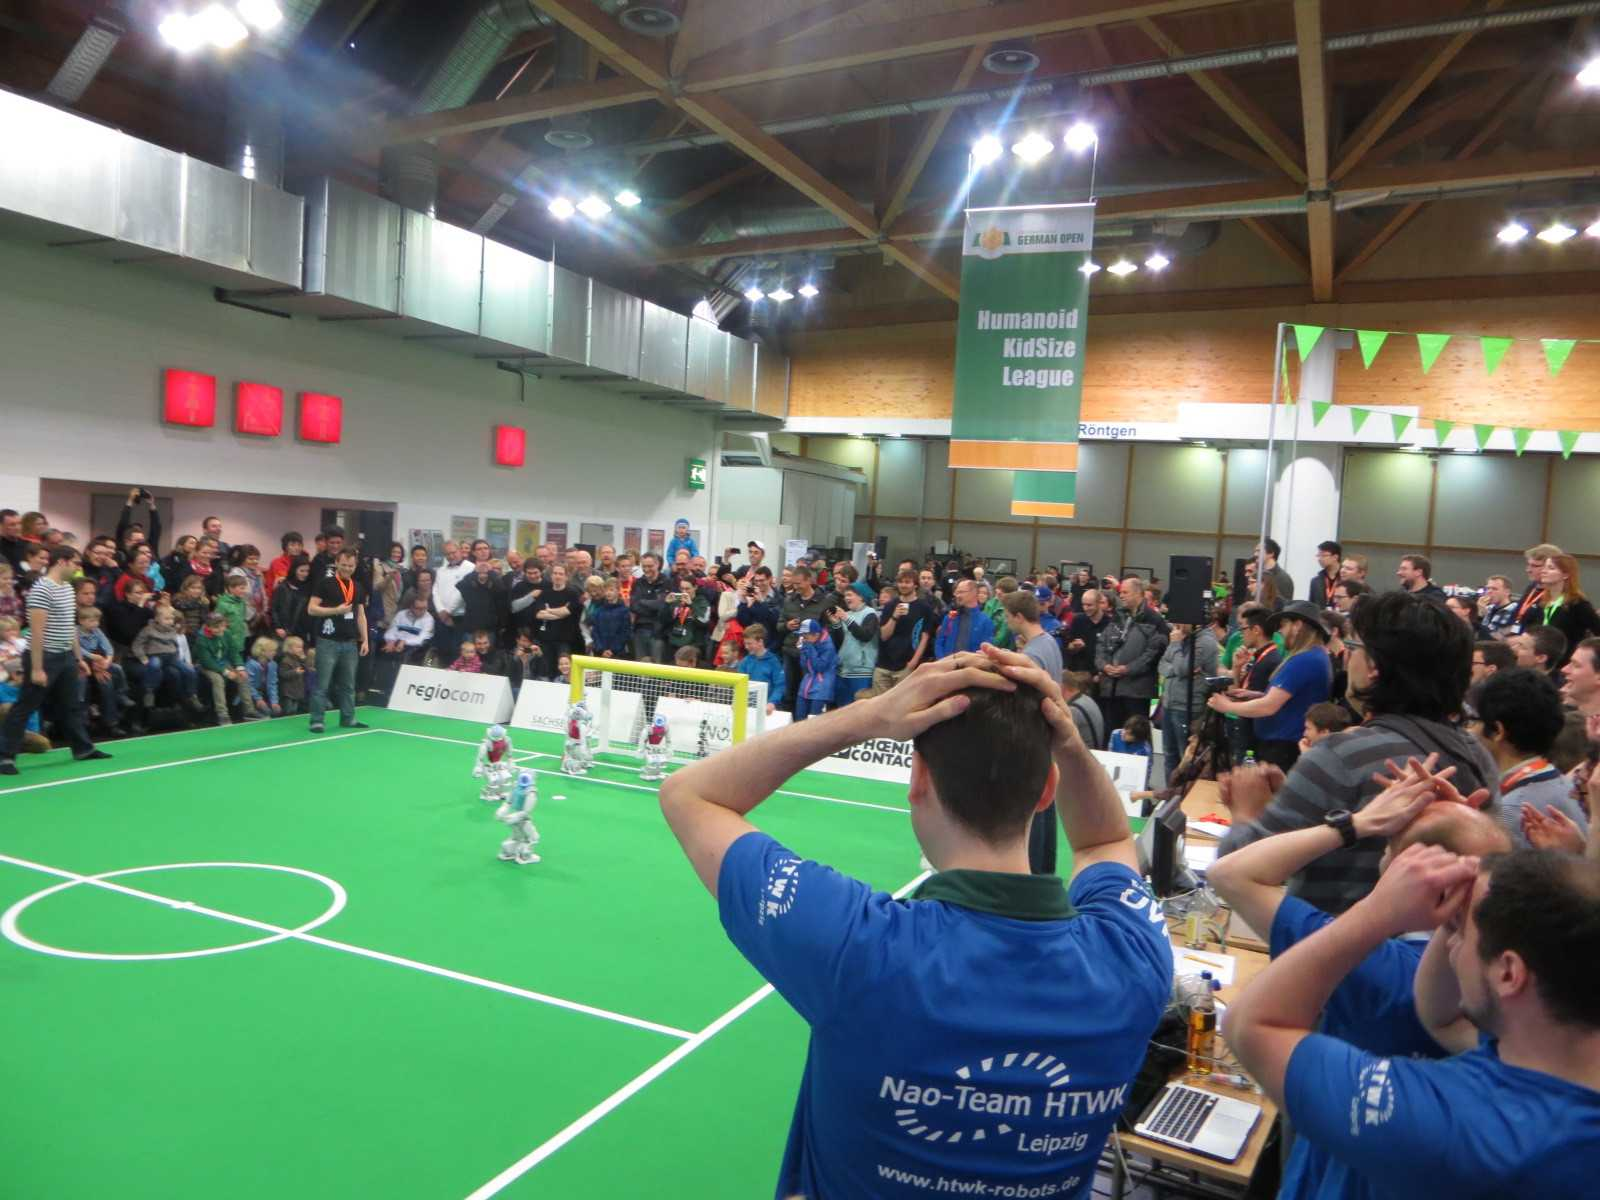 ... aber die größte Begeisterung löst beim RoboCup immer noch der Fußball aus.